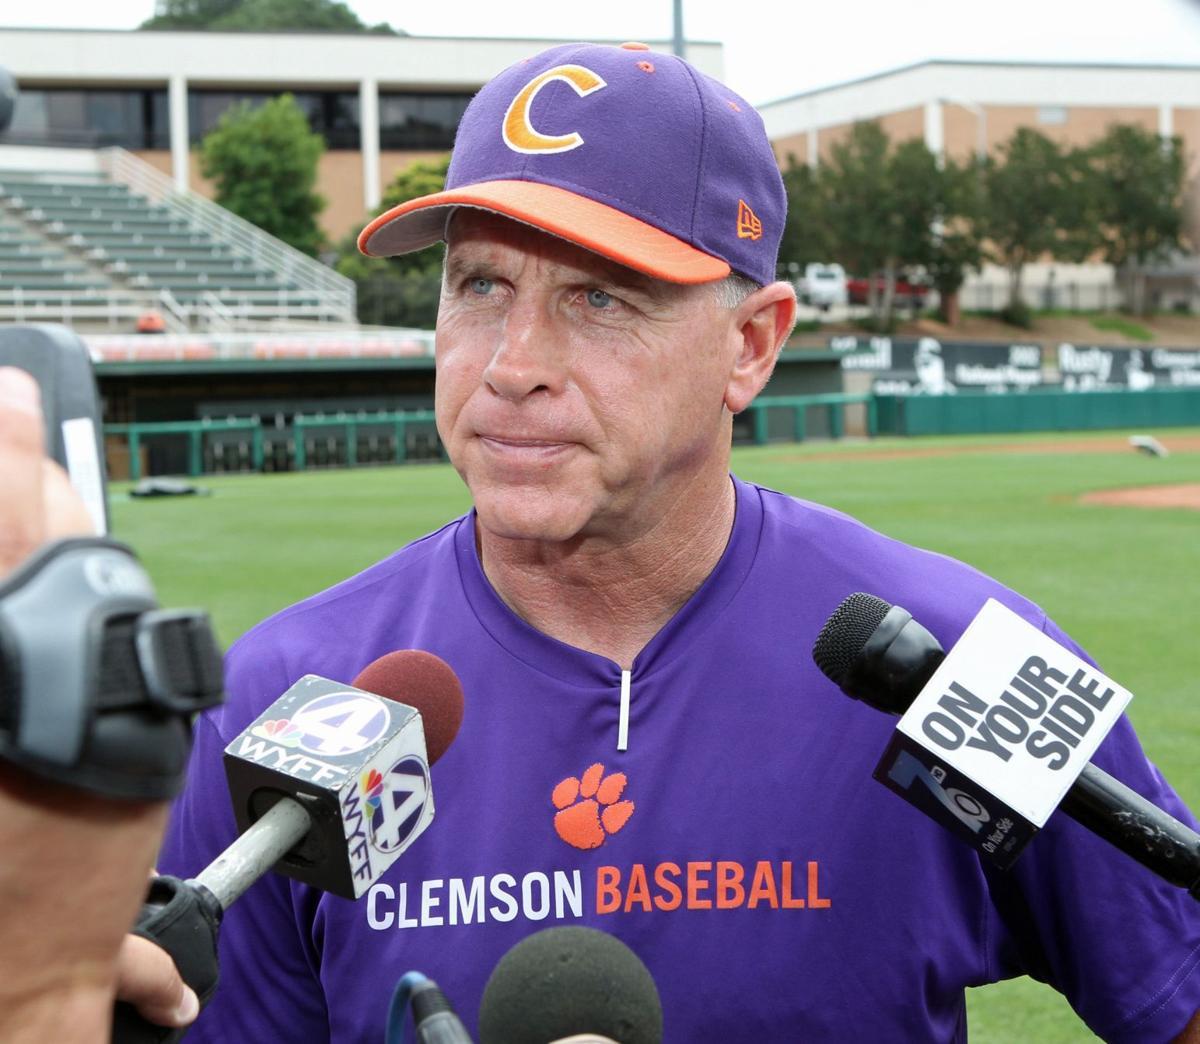 Clemson's Leggett optimistic, but pressure is on baseball coach